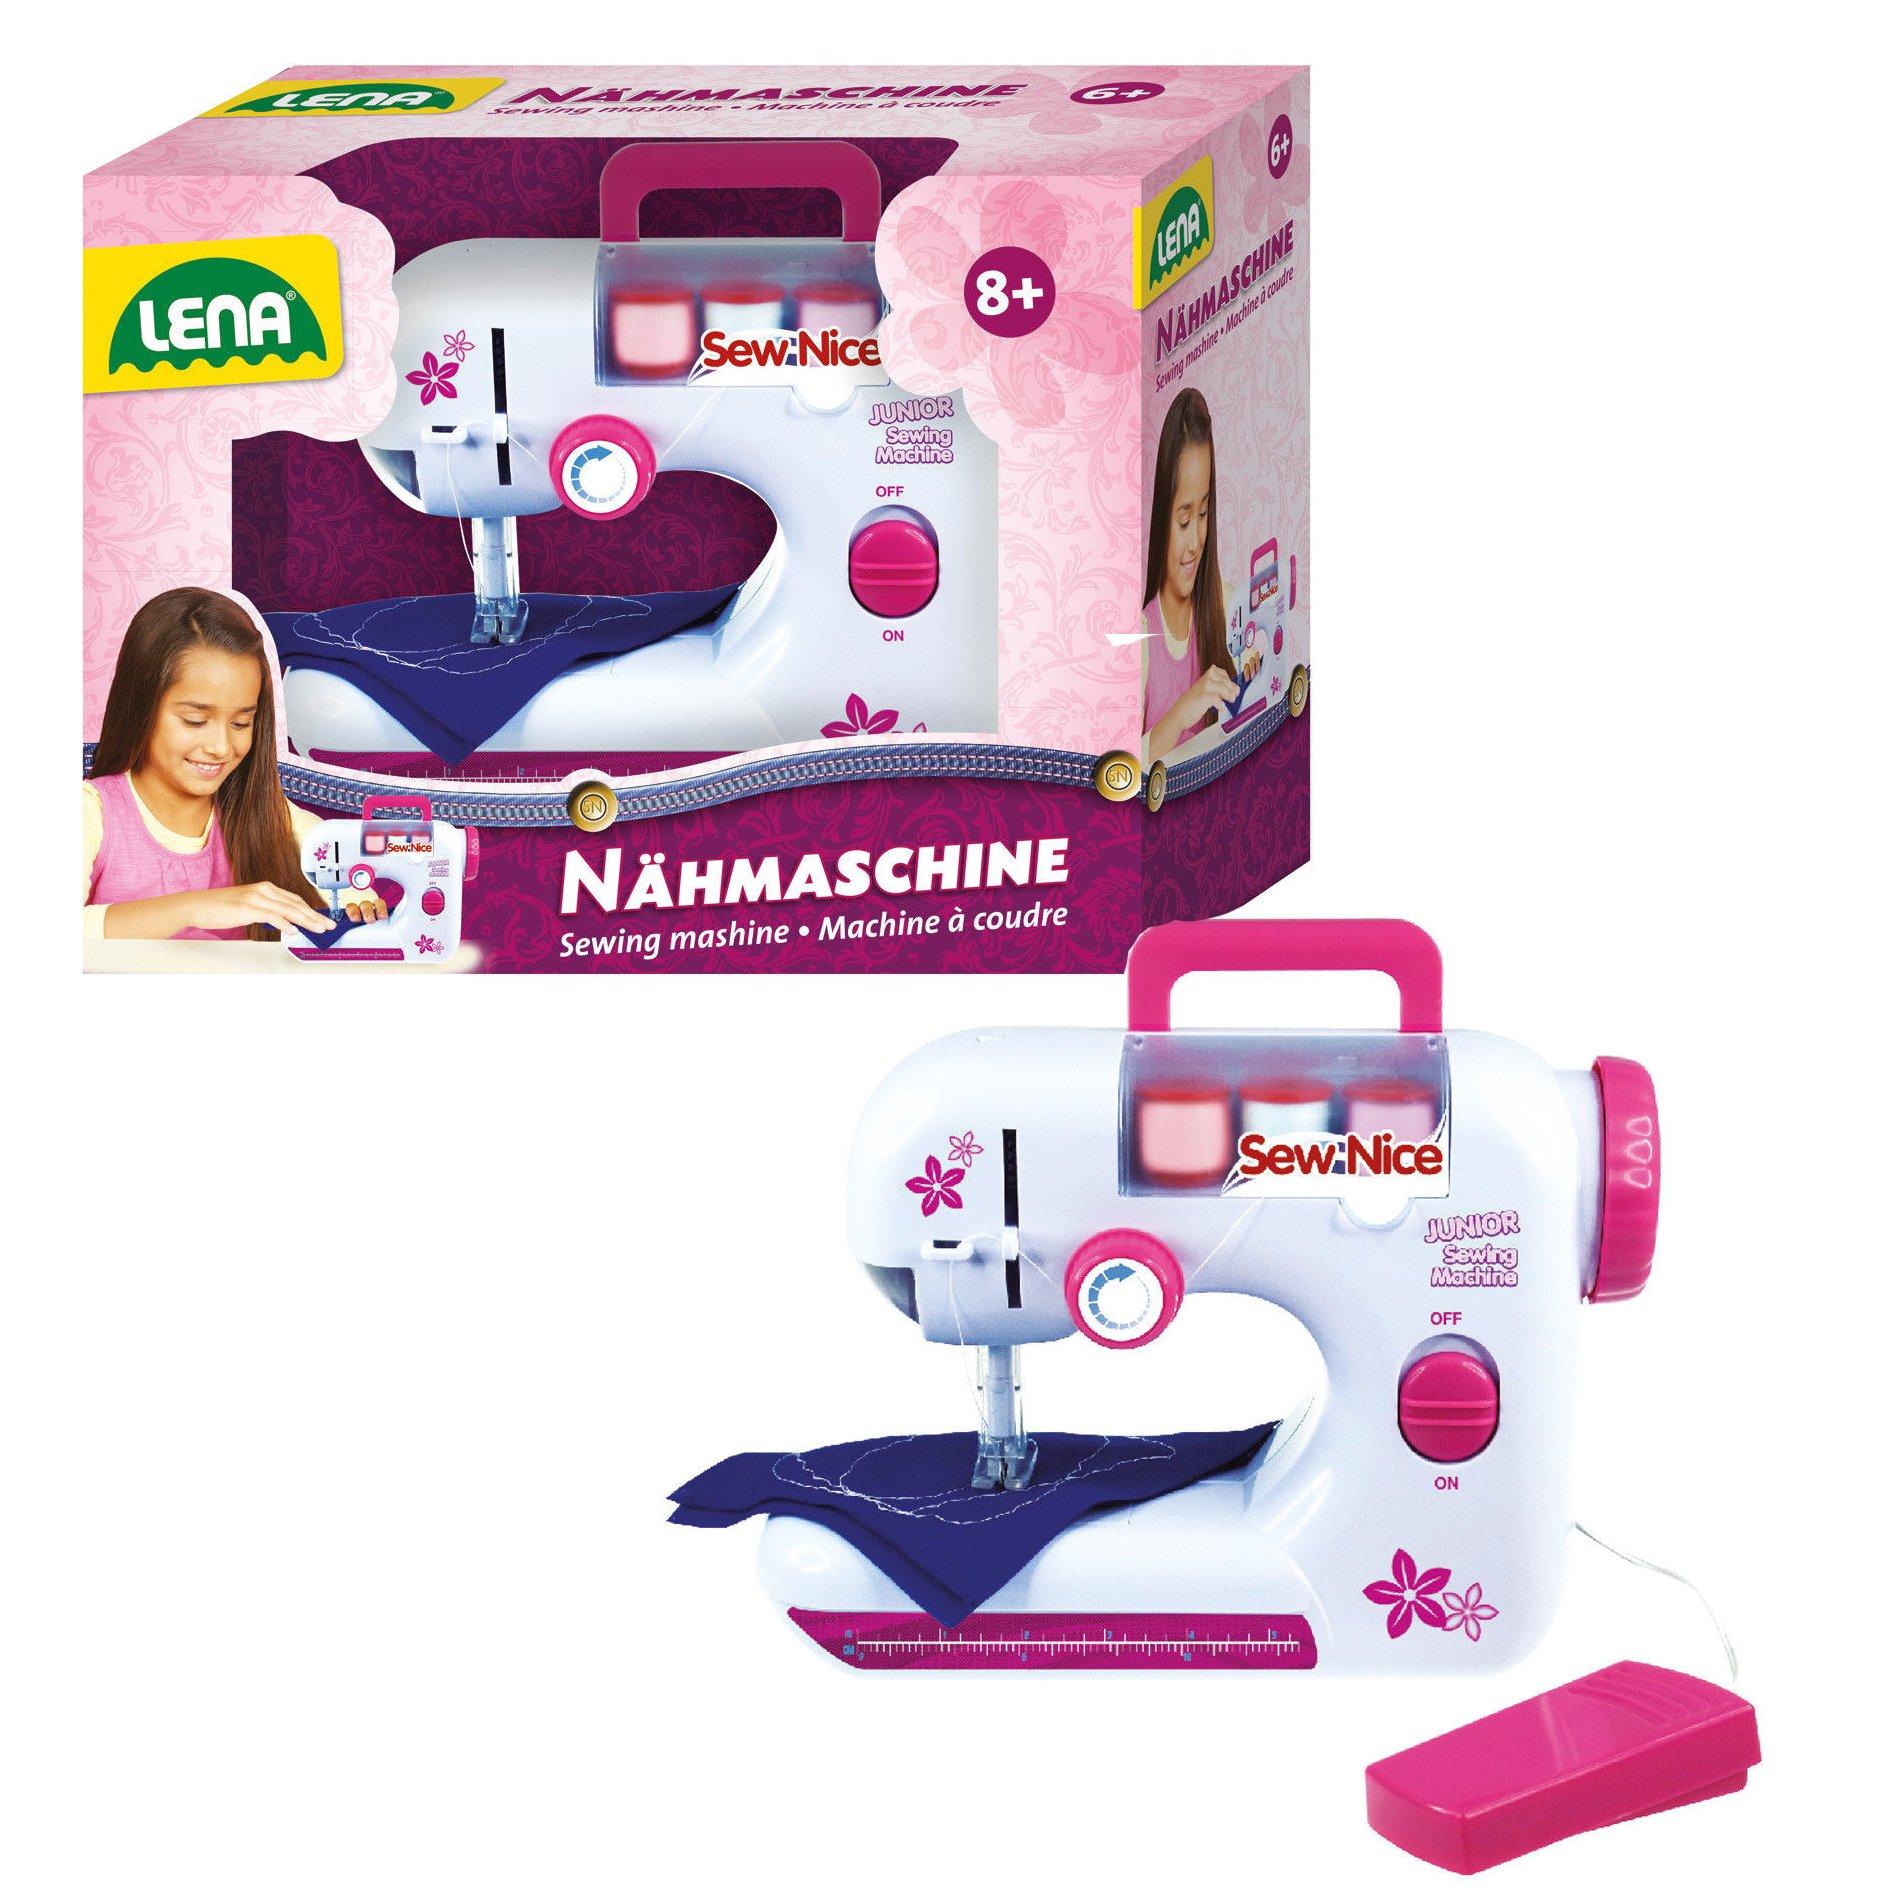 Kindernähmaschine Nähmaschine für Kinder mit echten Funktionen ...